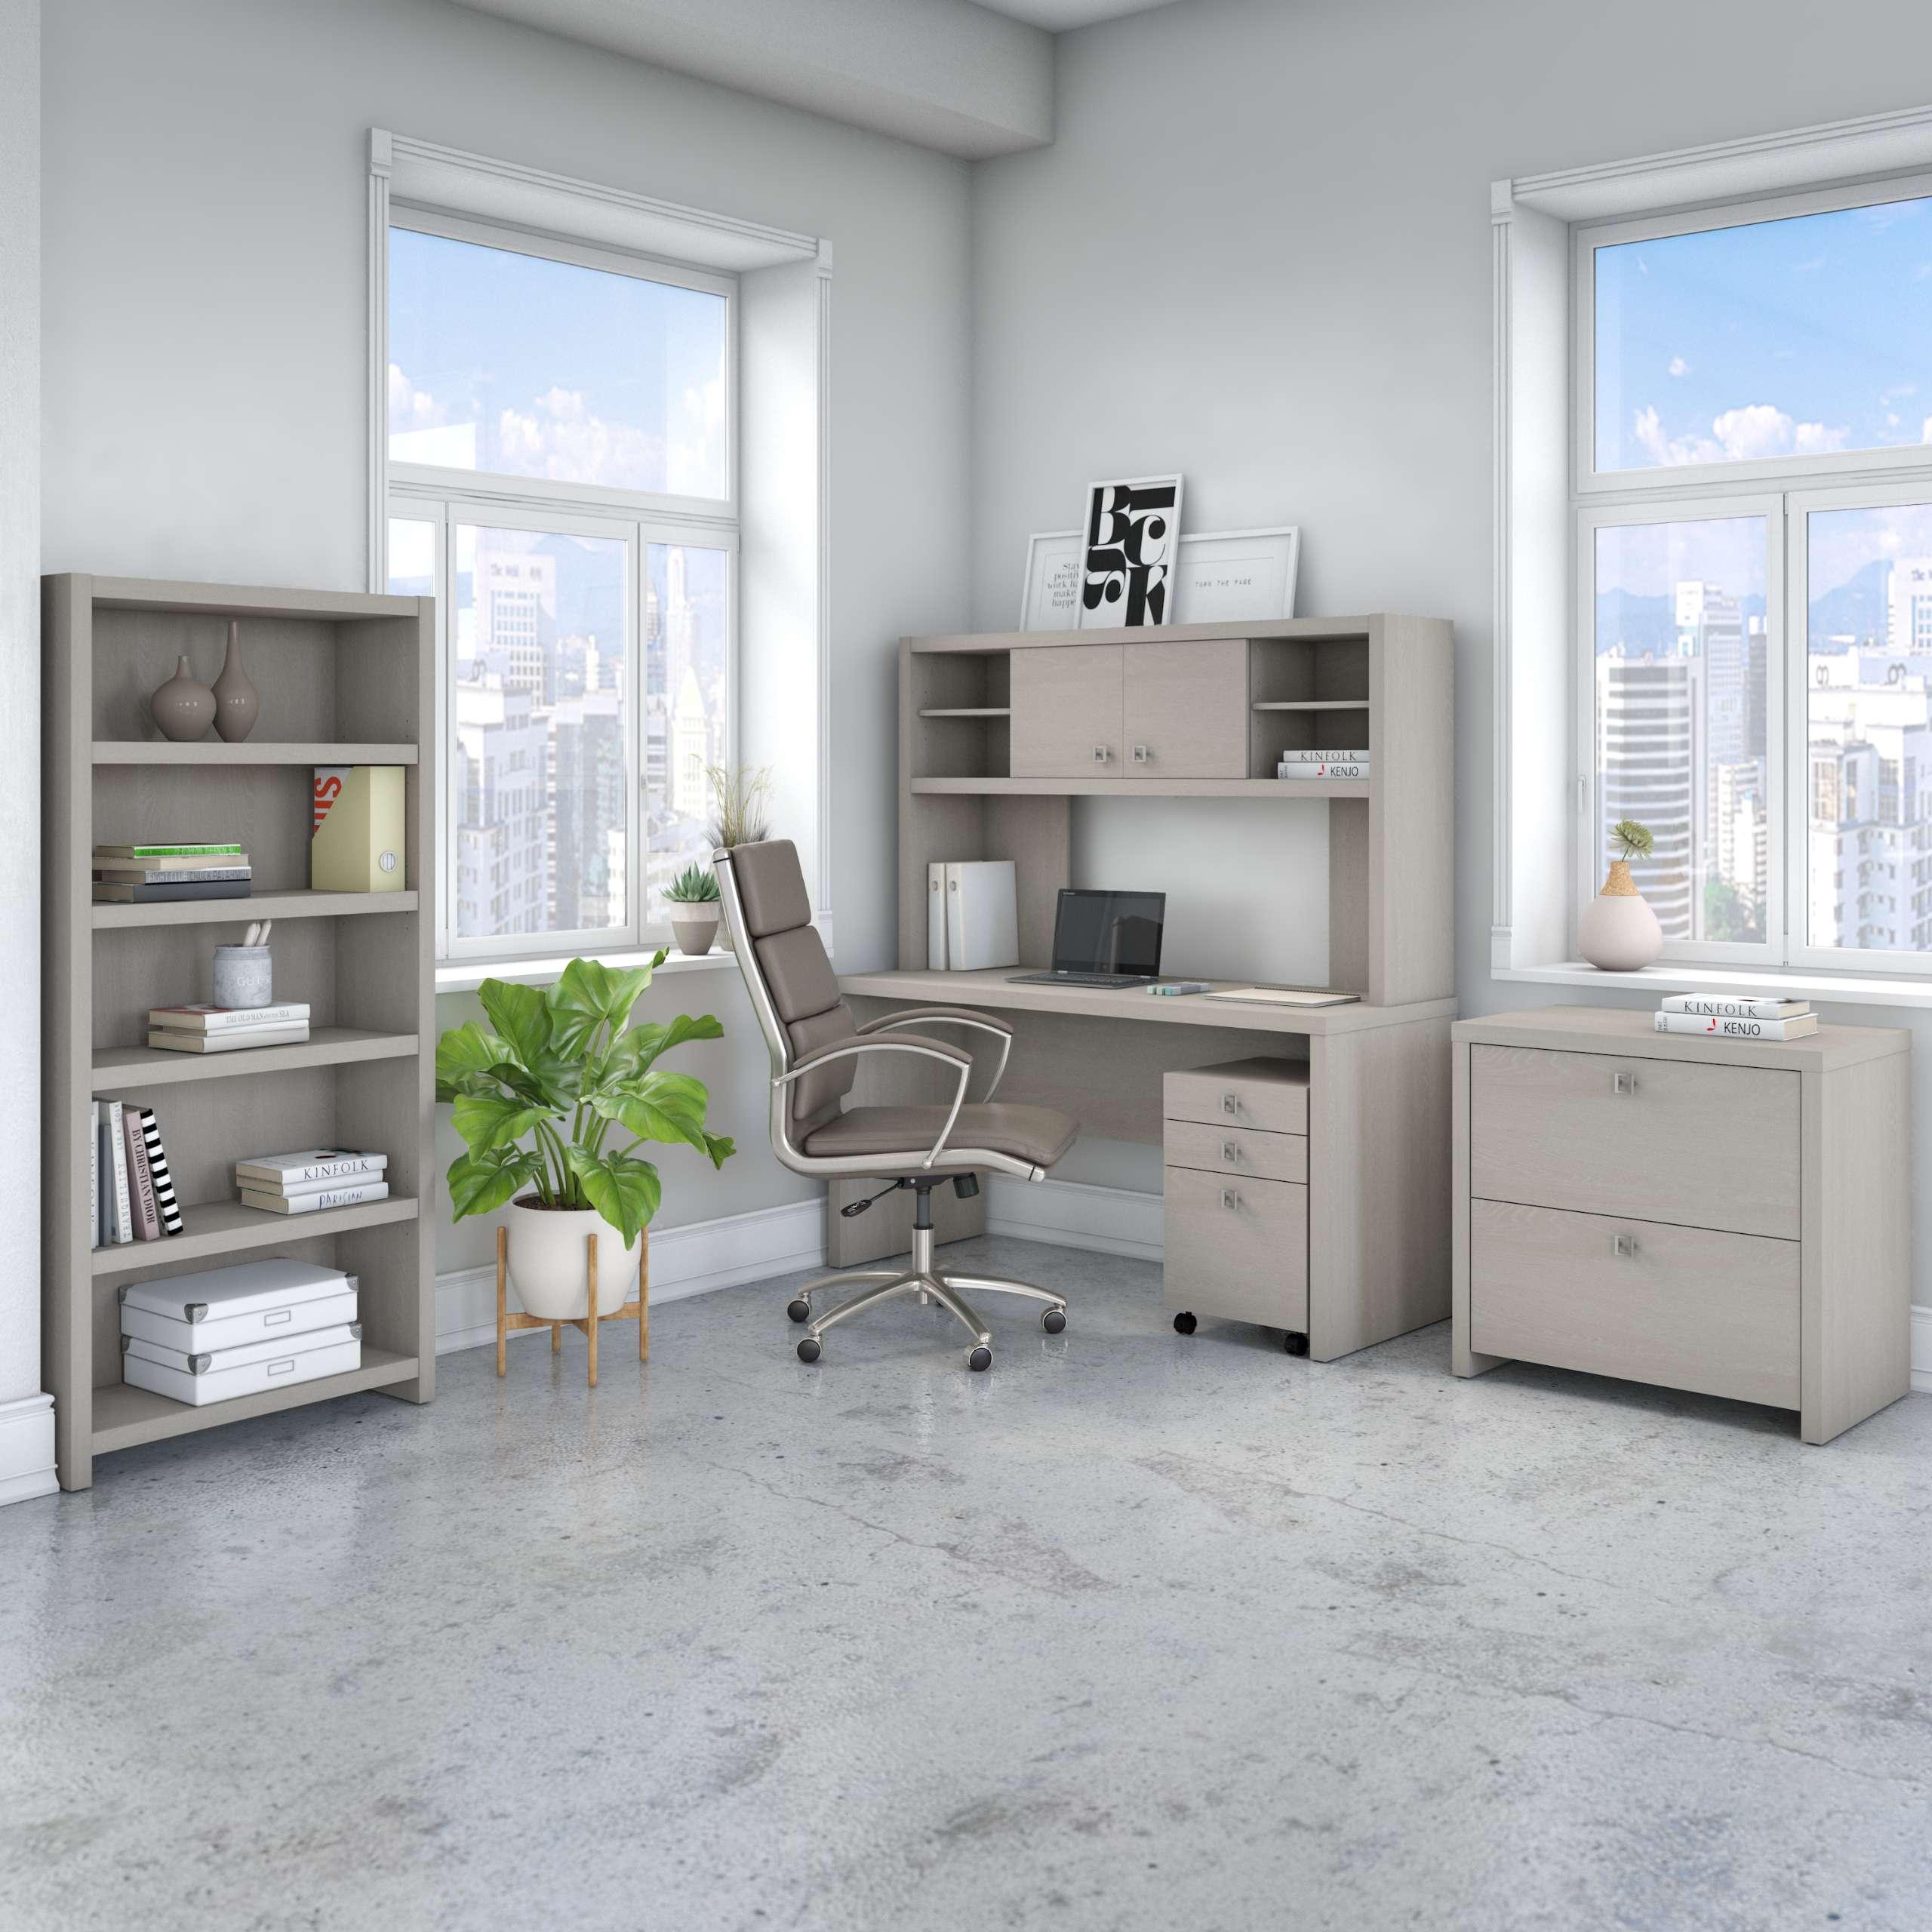 Kathy Ireland office